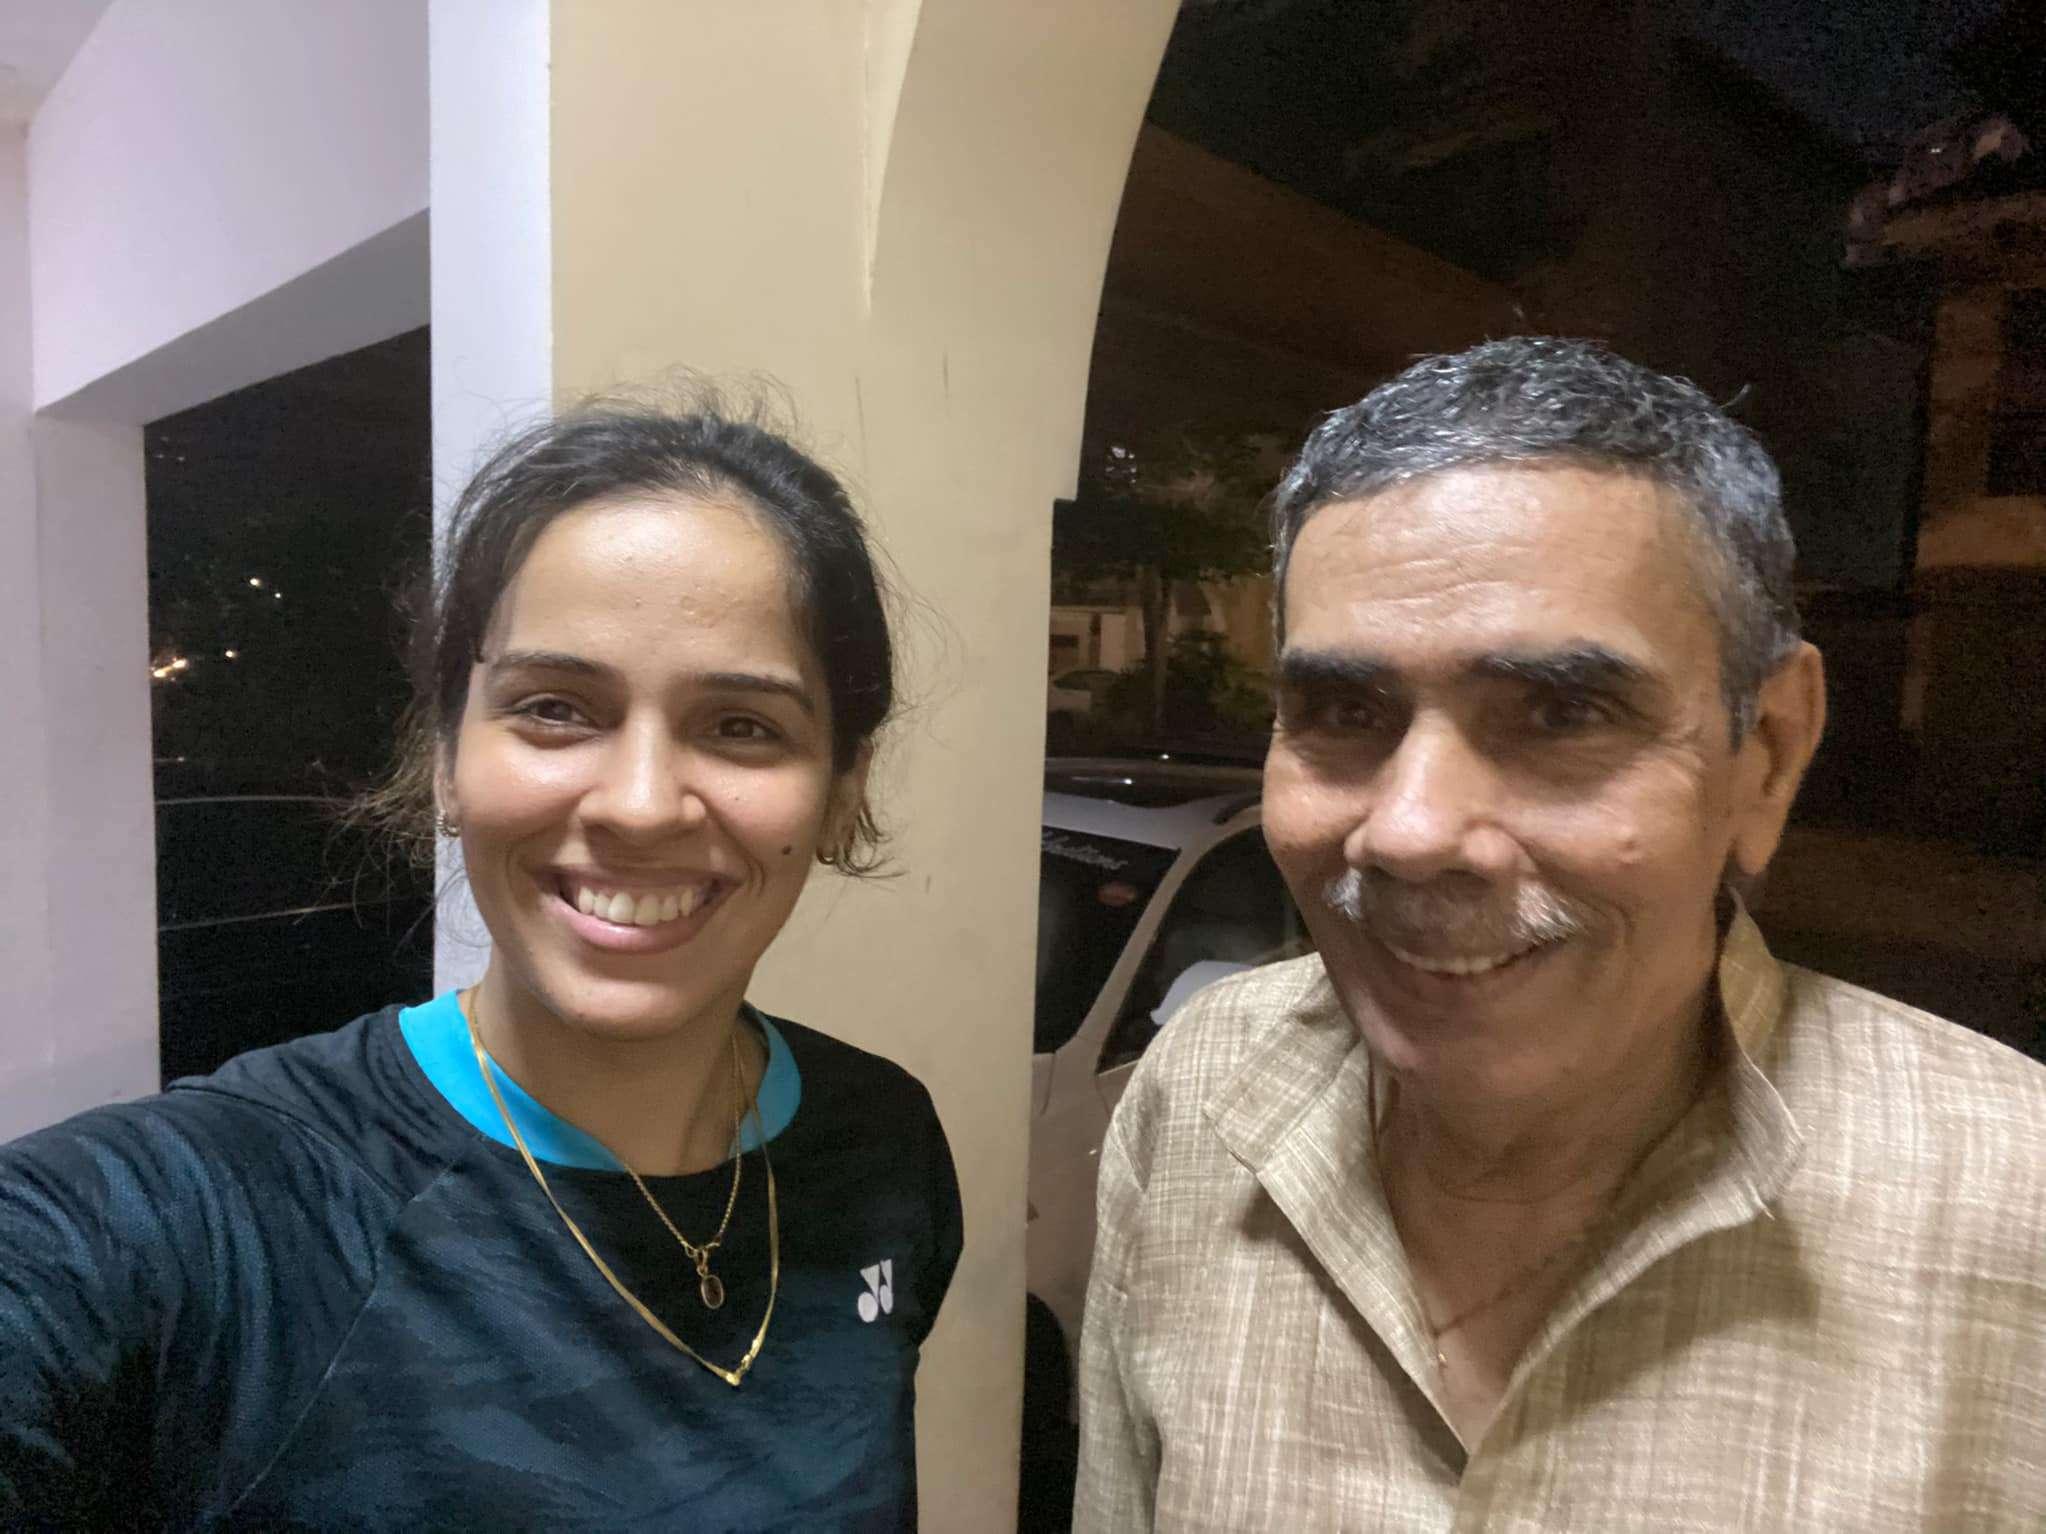 Saina Nehwal with her father Harvir Singh Nehwal